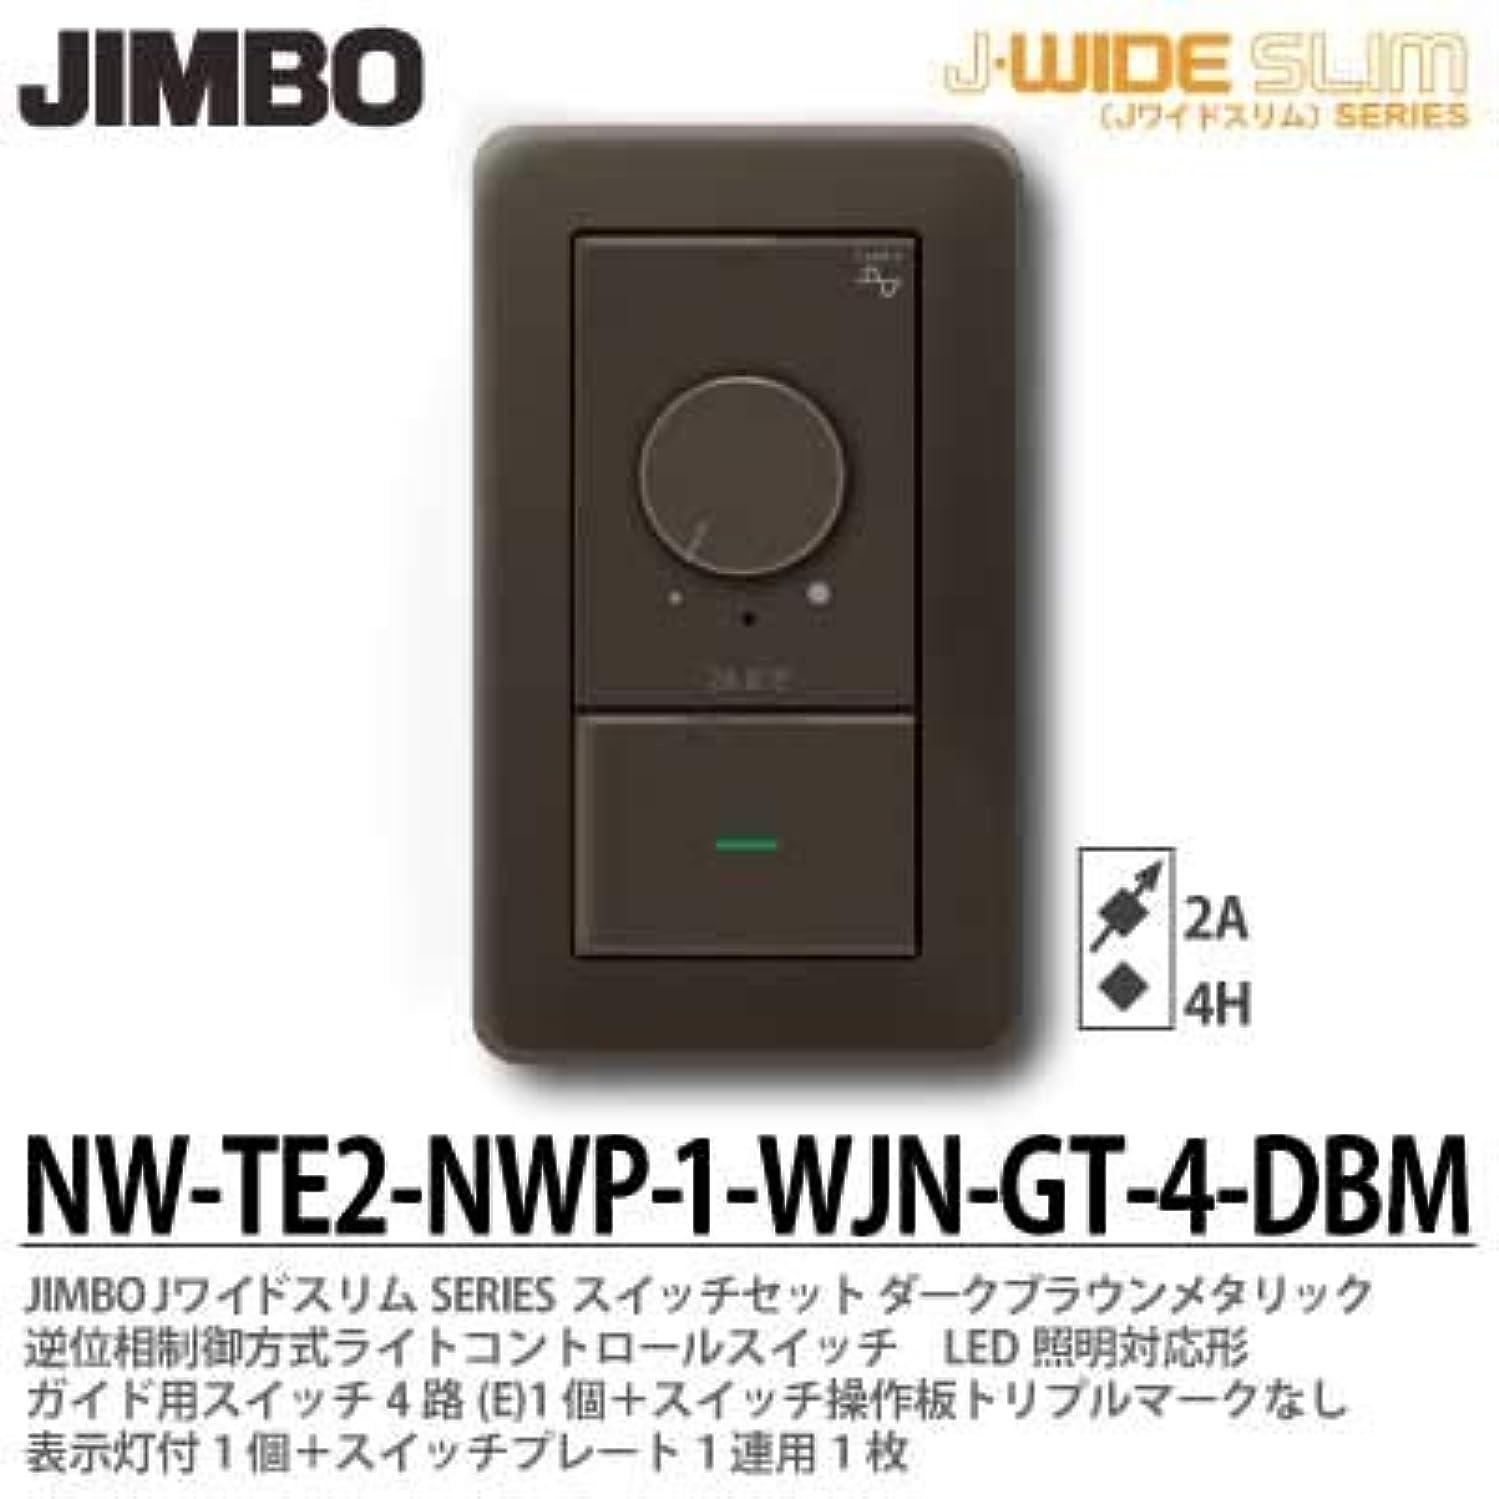 試みるクライアント不運【JIMBO】神保電器 J-WIDE SLIM メタリックスリム ライトコントロール組合わせセット ダークブラウン NW-TE2-NWP-1-WJN-GT-4-DBM